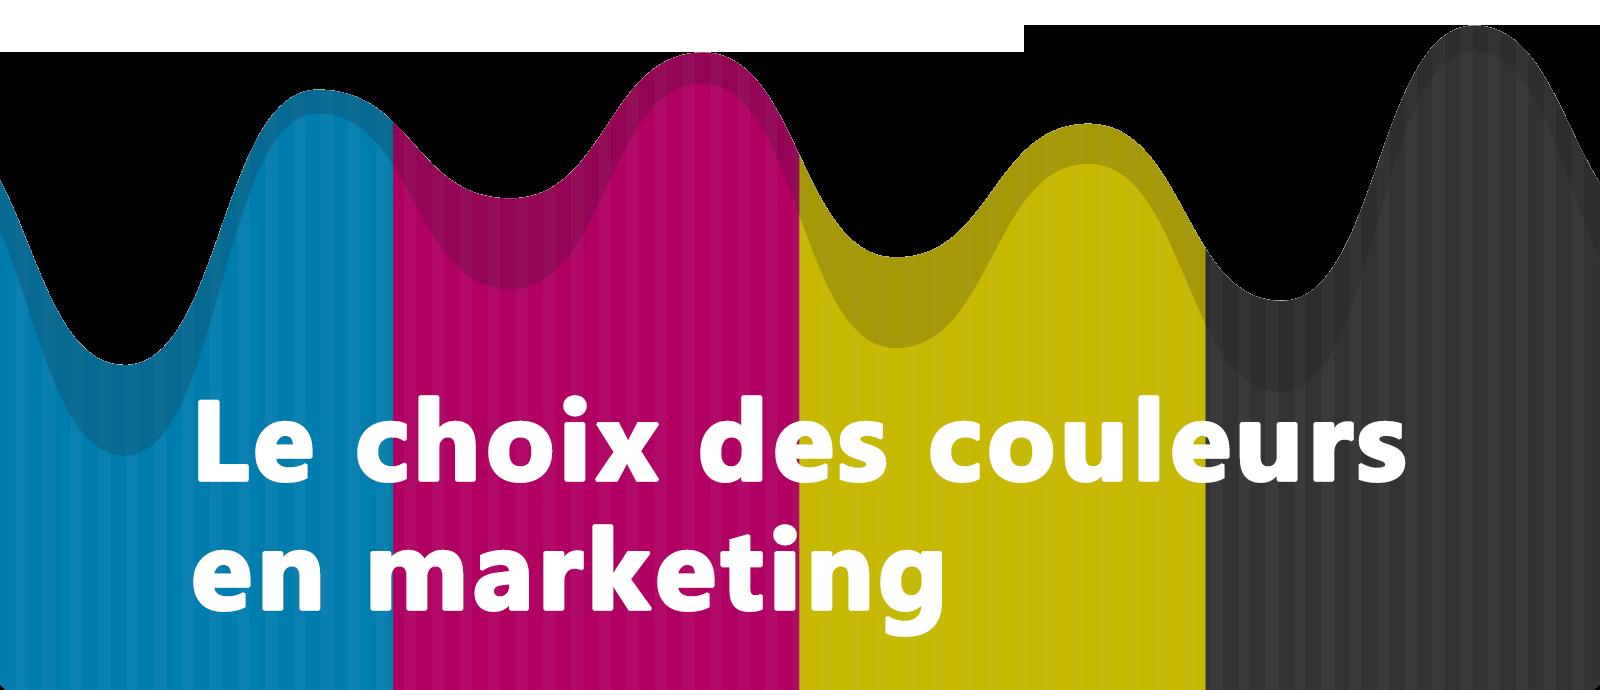 Choix des couleurs en marketing